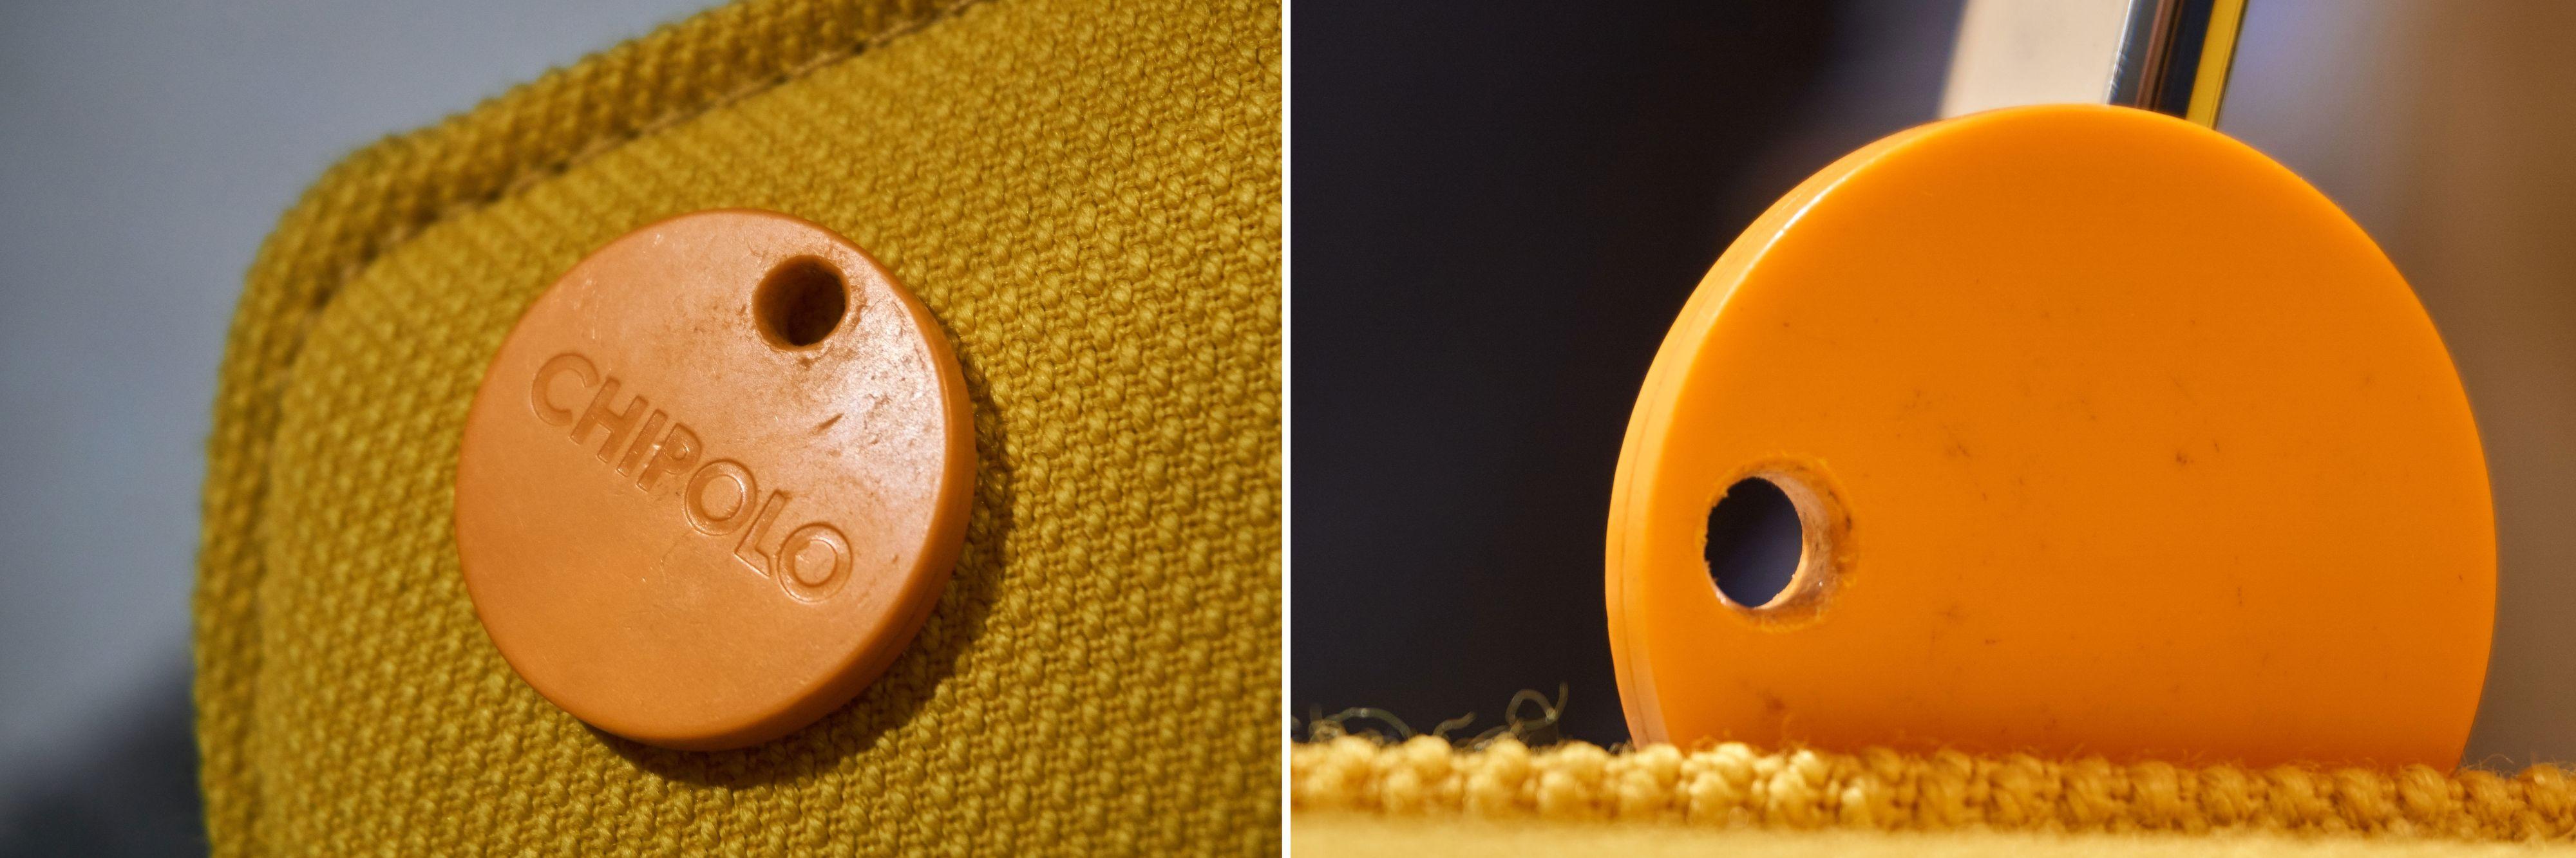 Brikkene er utsatt for slitasje på nøkkelknippet, så kanskje er det like greit å bytte dem ut? Her Chipolo Classic etter ett år i bruk.